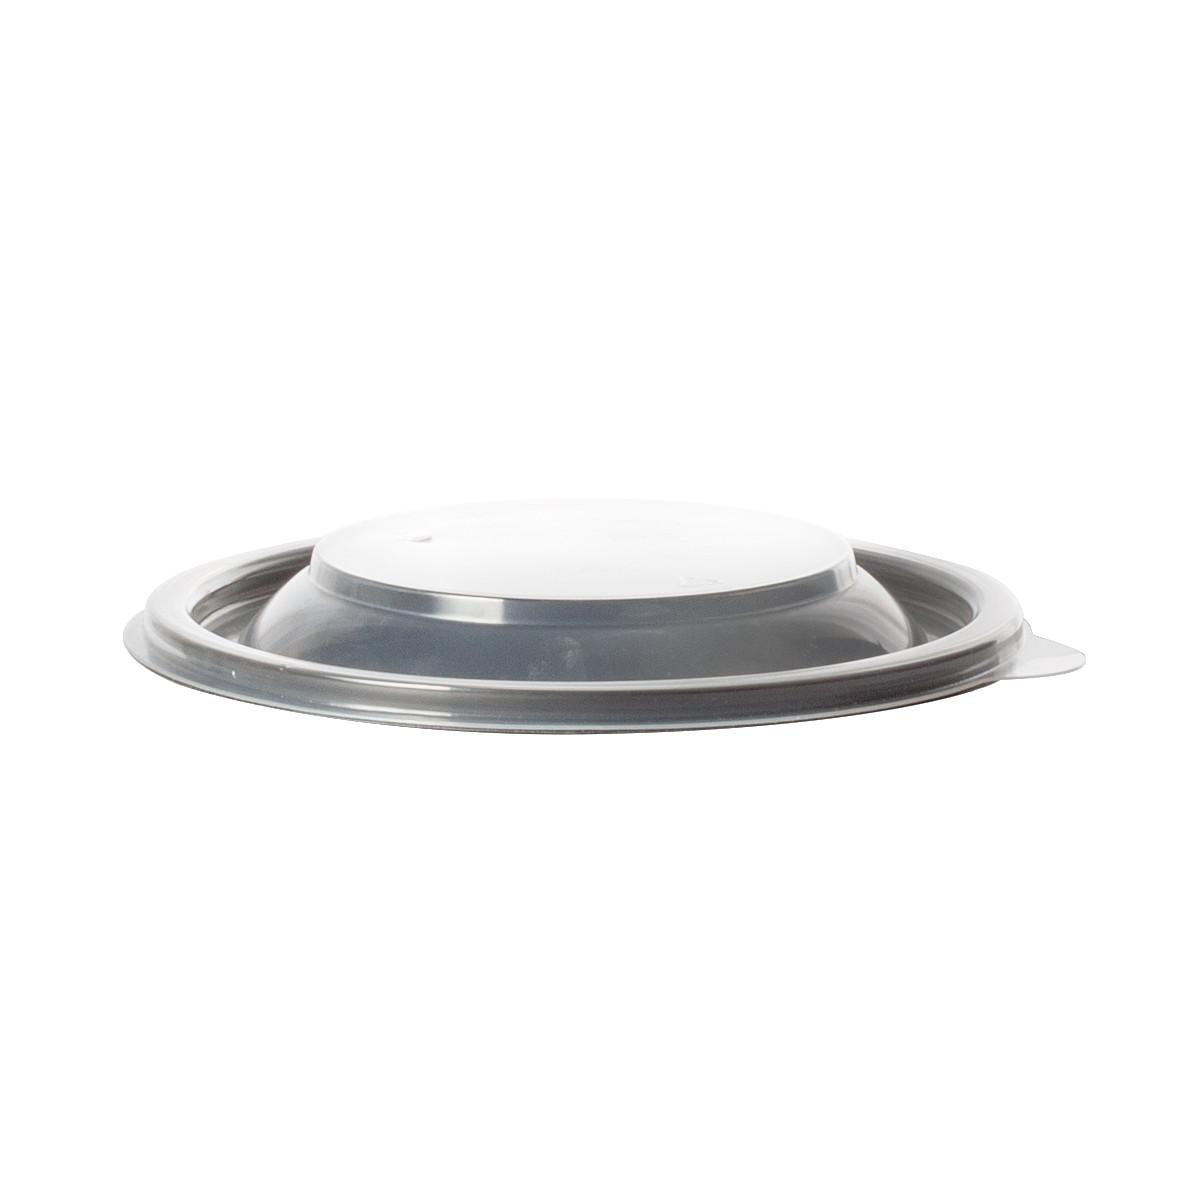 couvercle plat pour barquette plats chauds vente a emporter